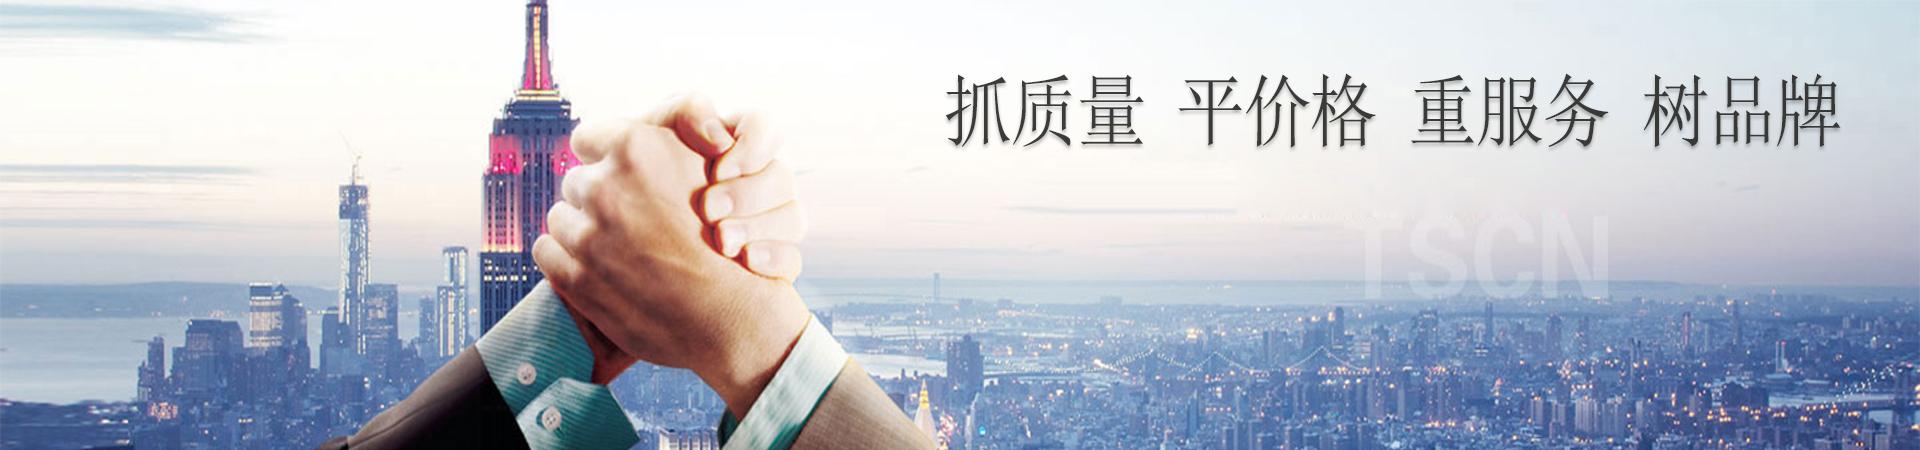 云南自动感应门厂家